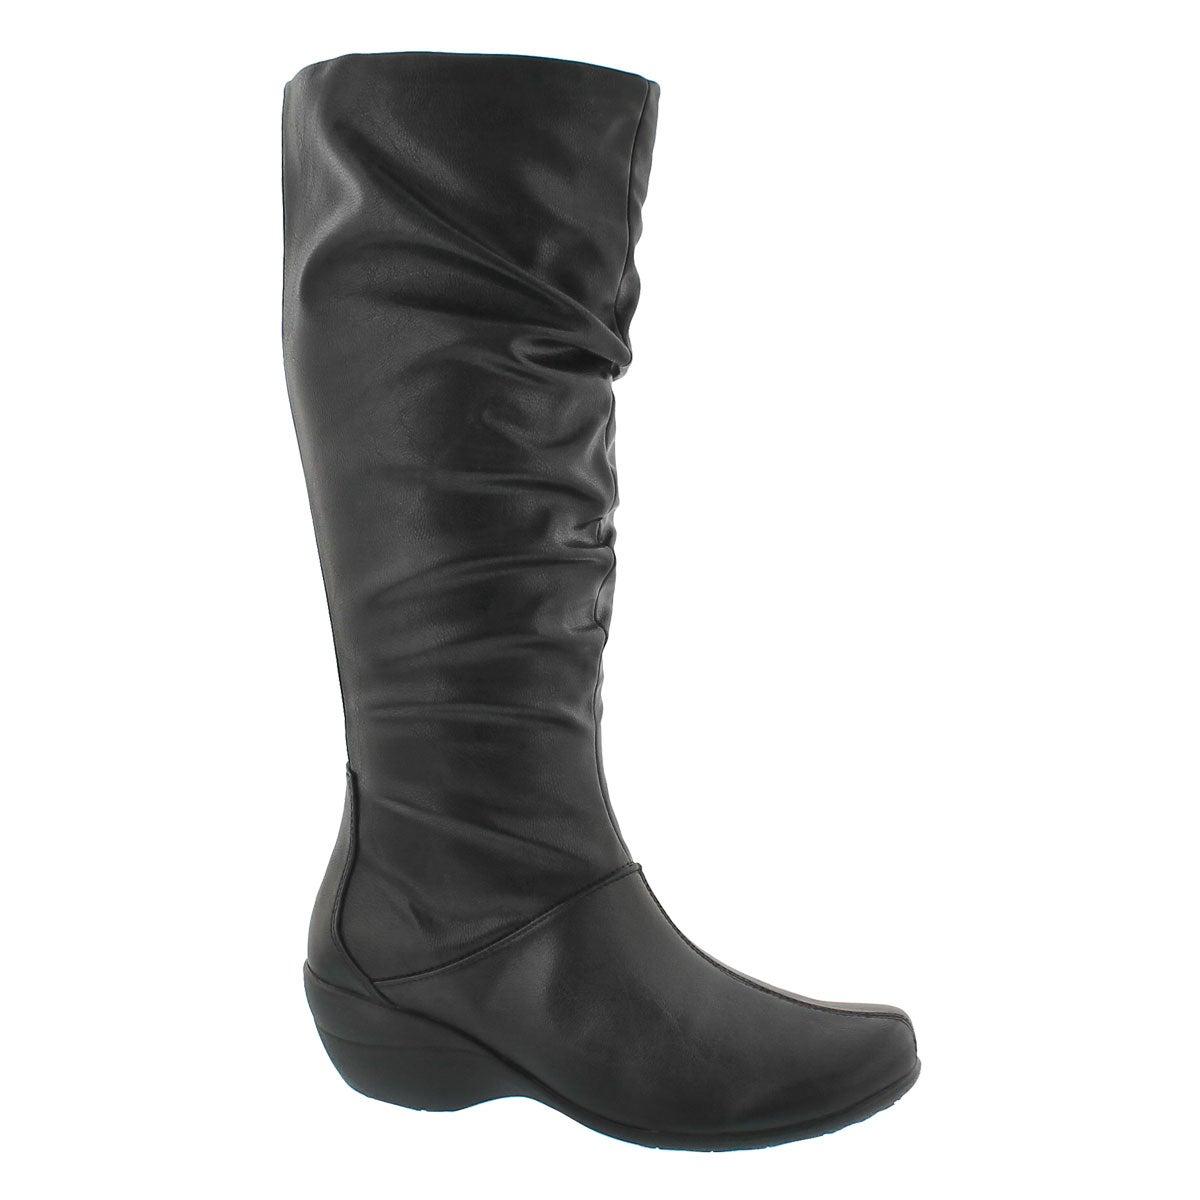 Lds Iva Kana IIV blk tall boot